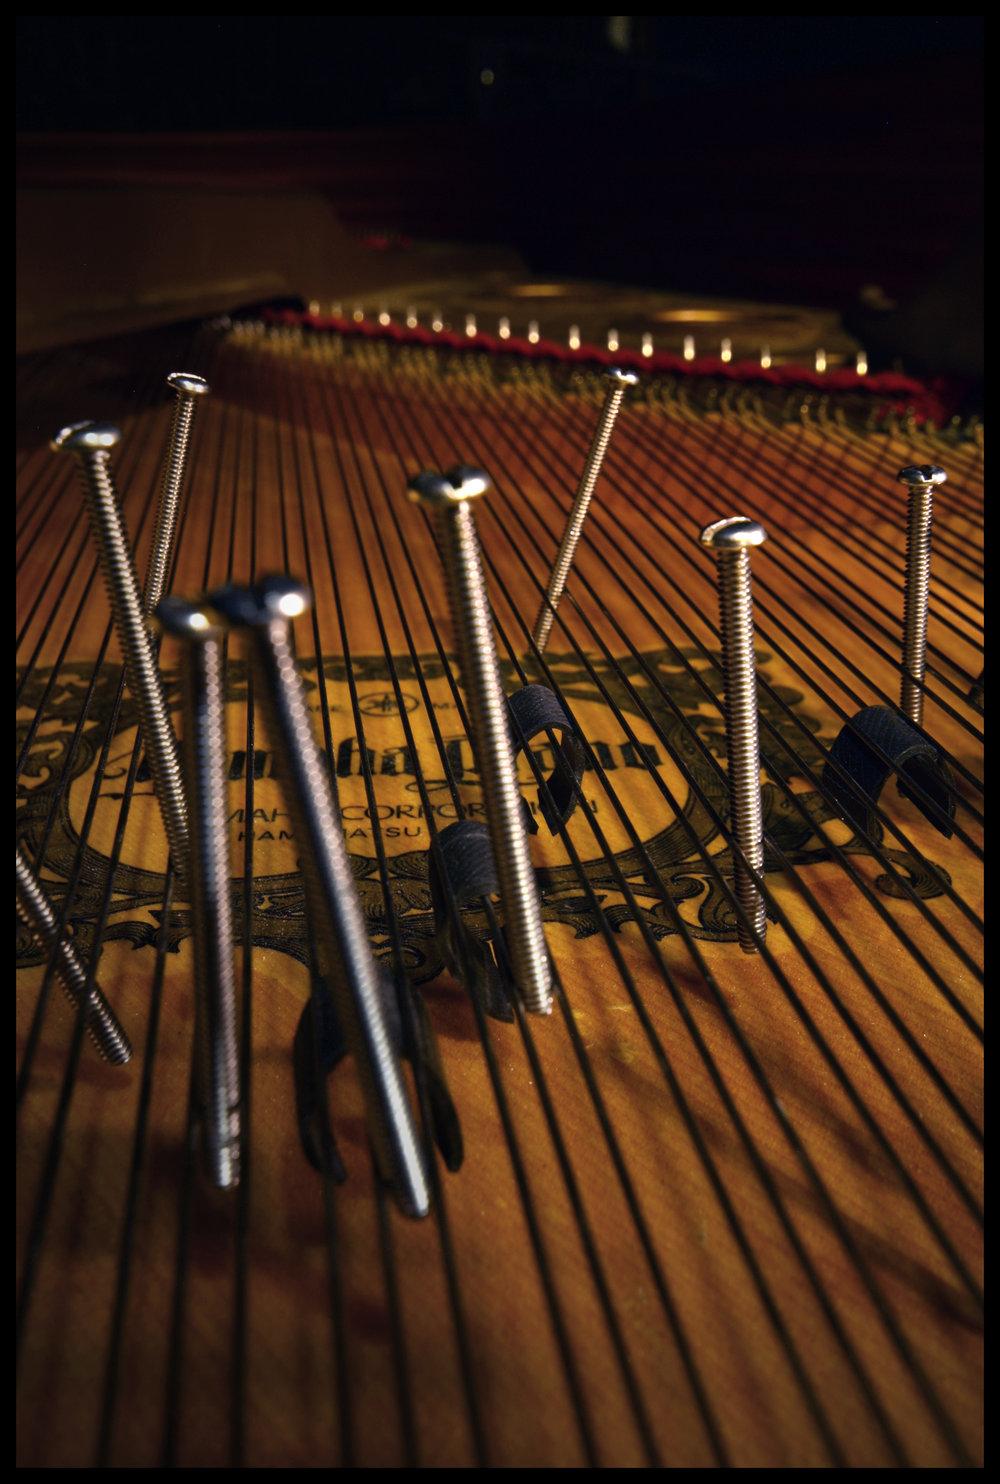 2012 - Prepared Piano 8.jpg